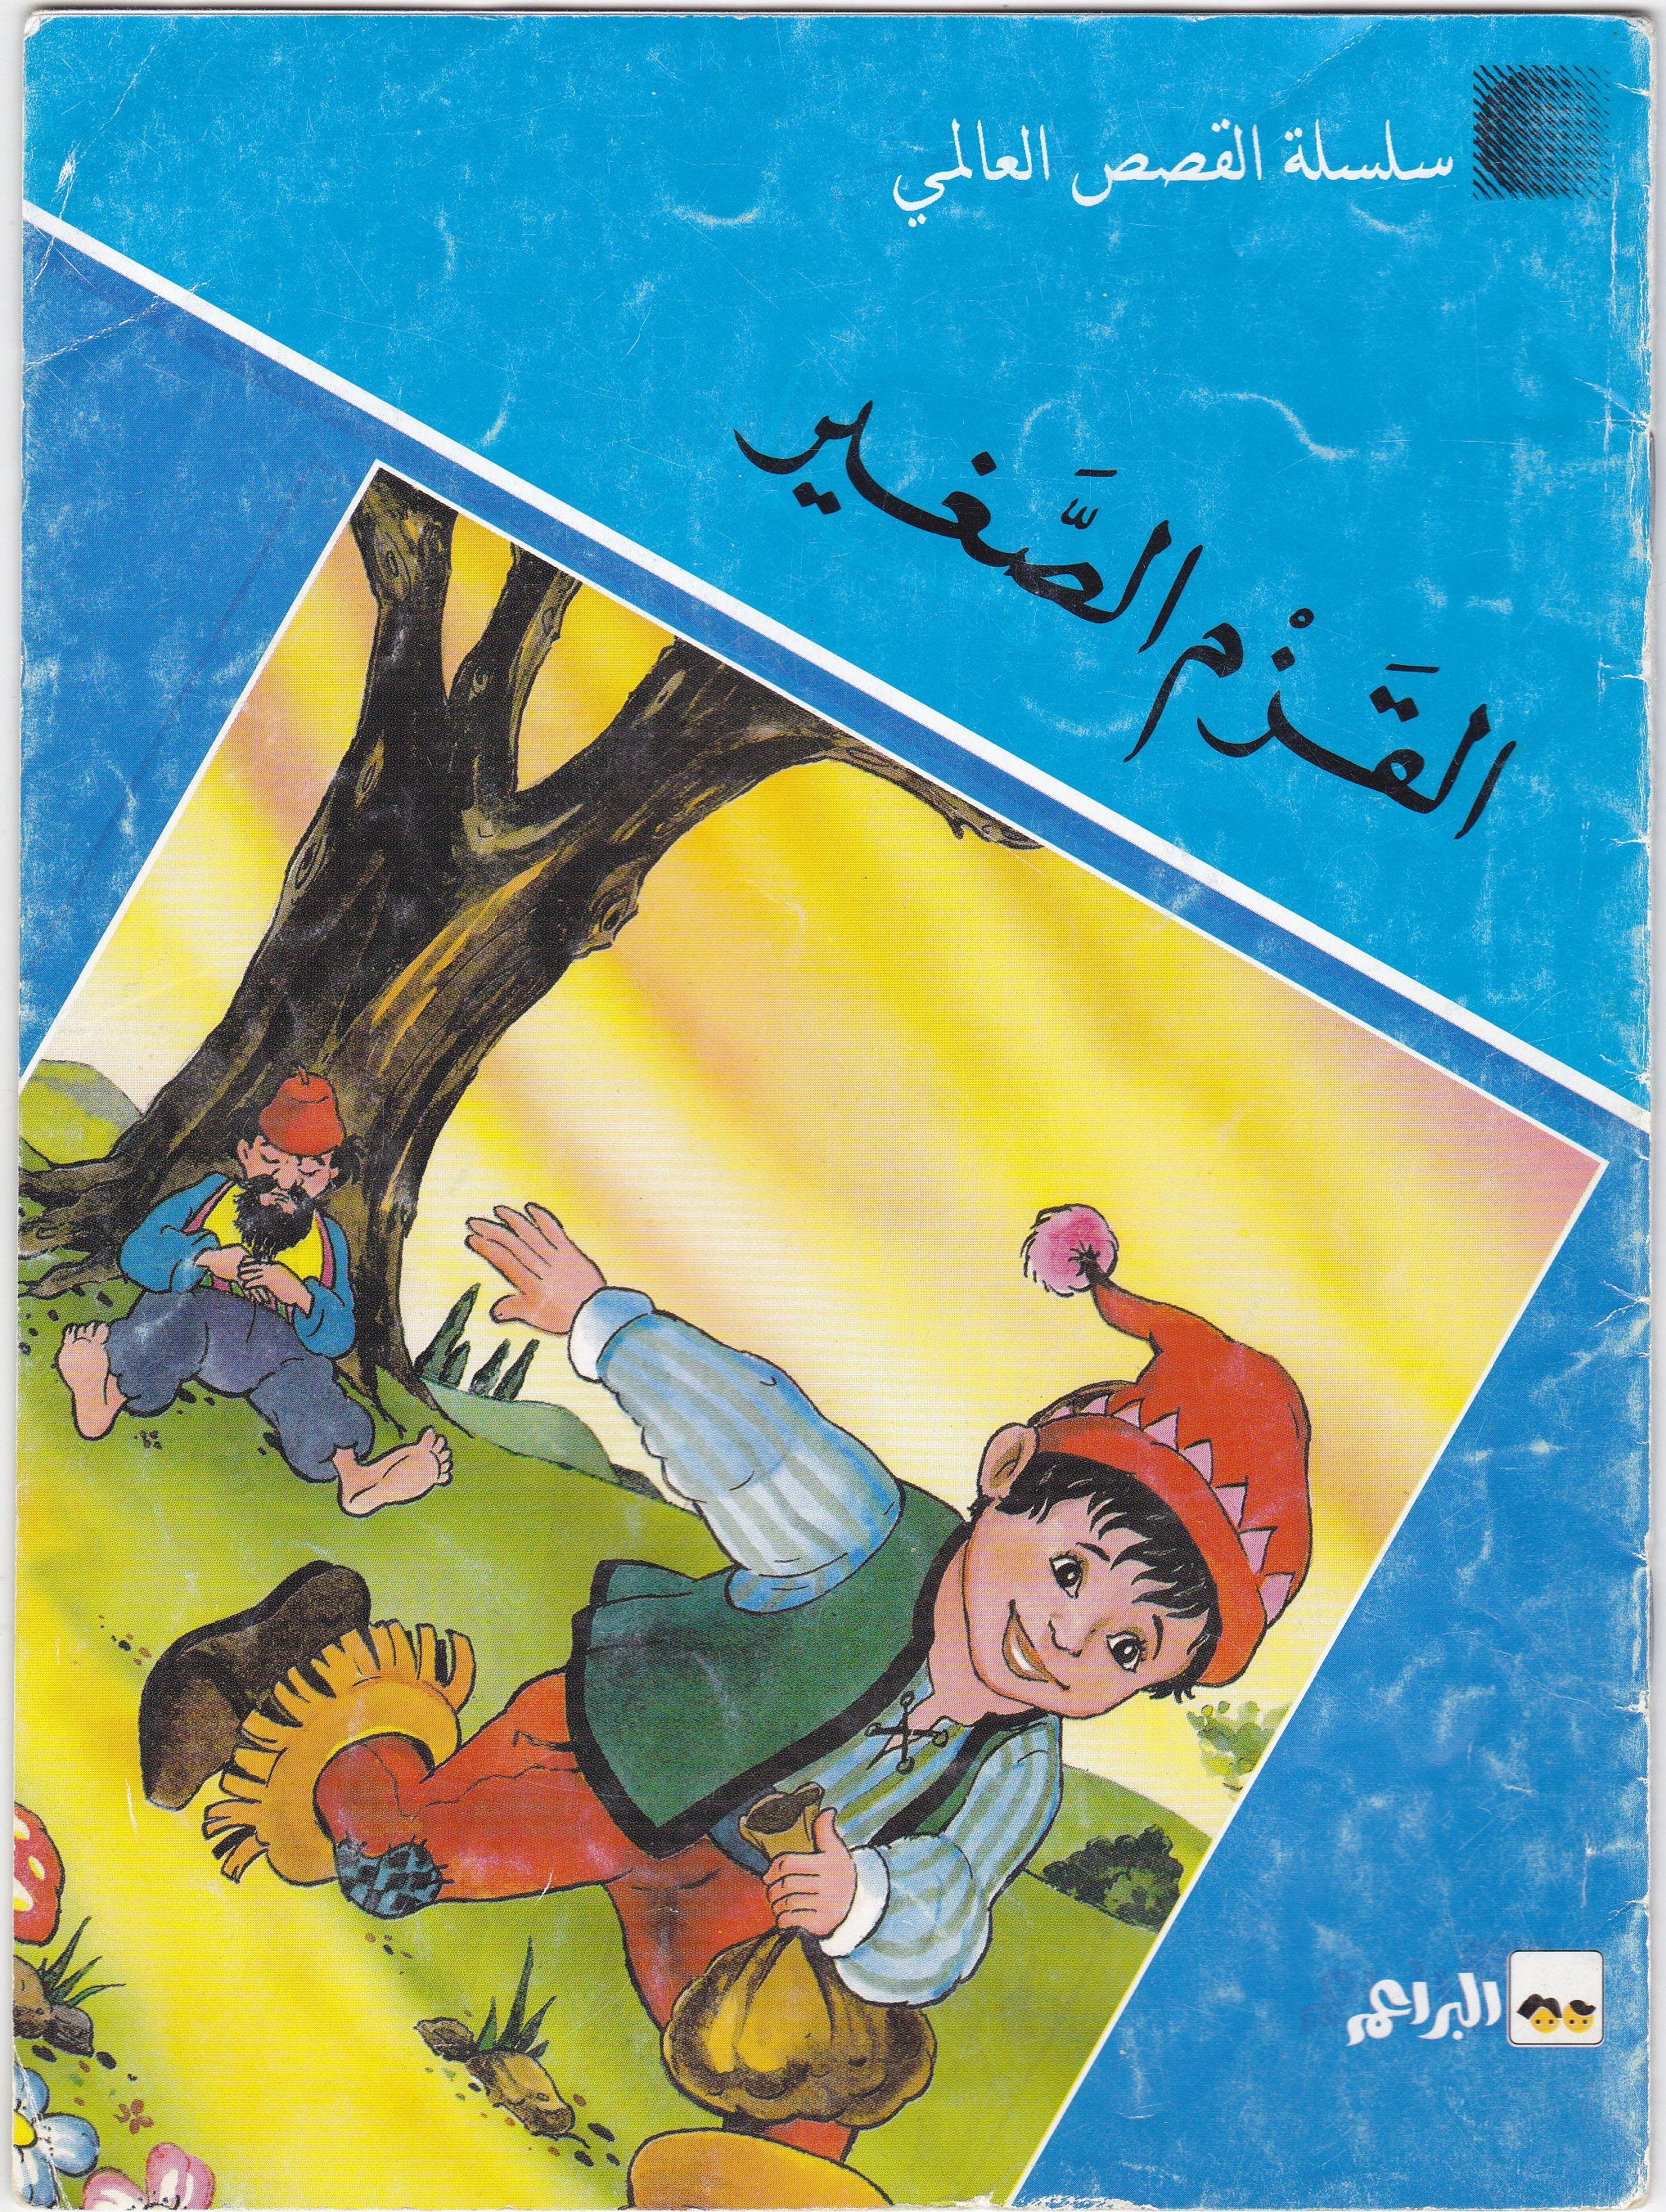 قصة القزم الصغير Comic Books Book Cover Comic Book Cover